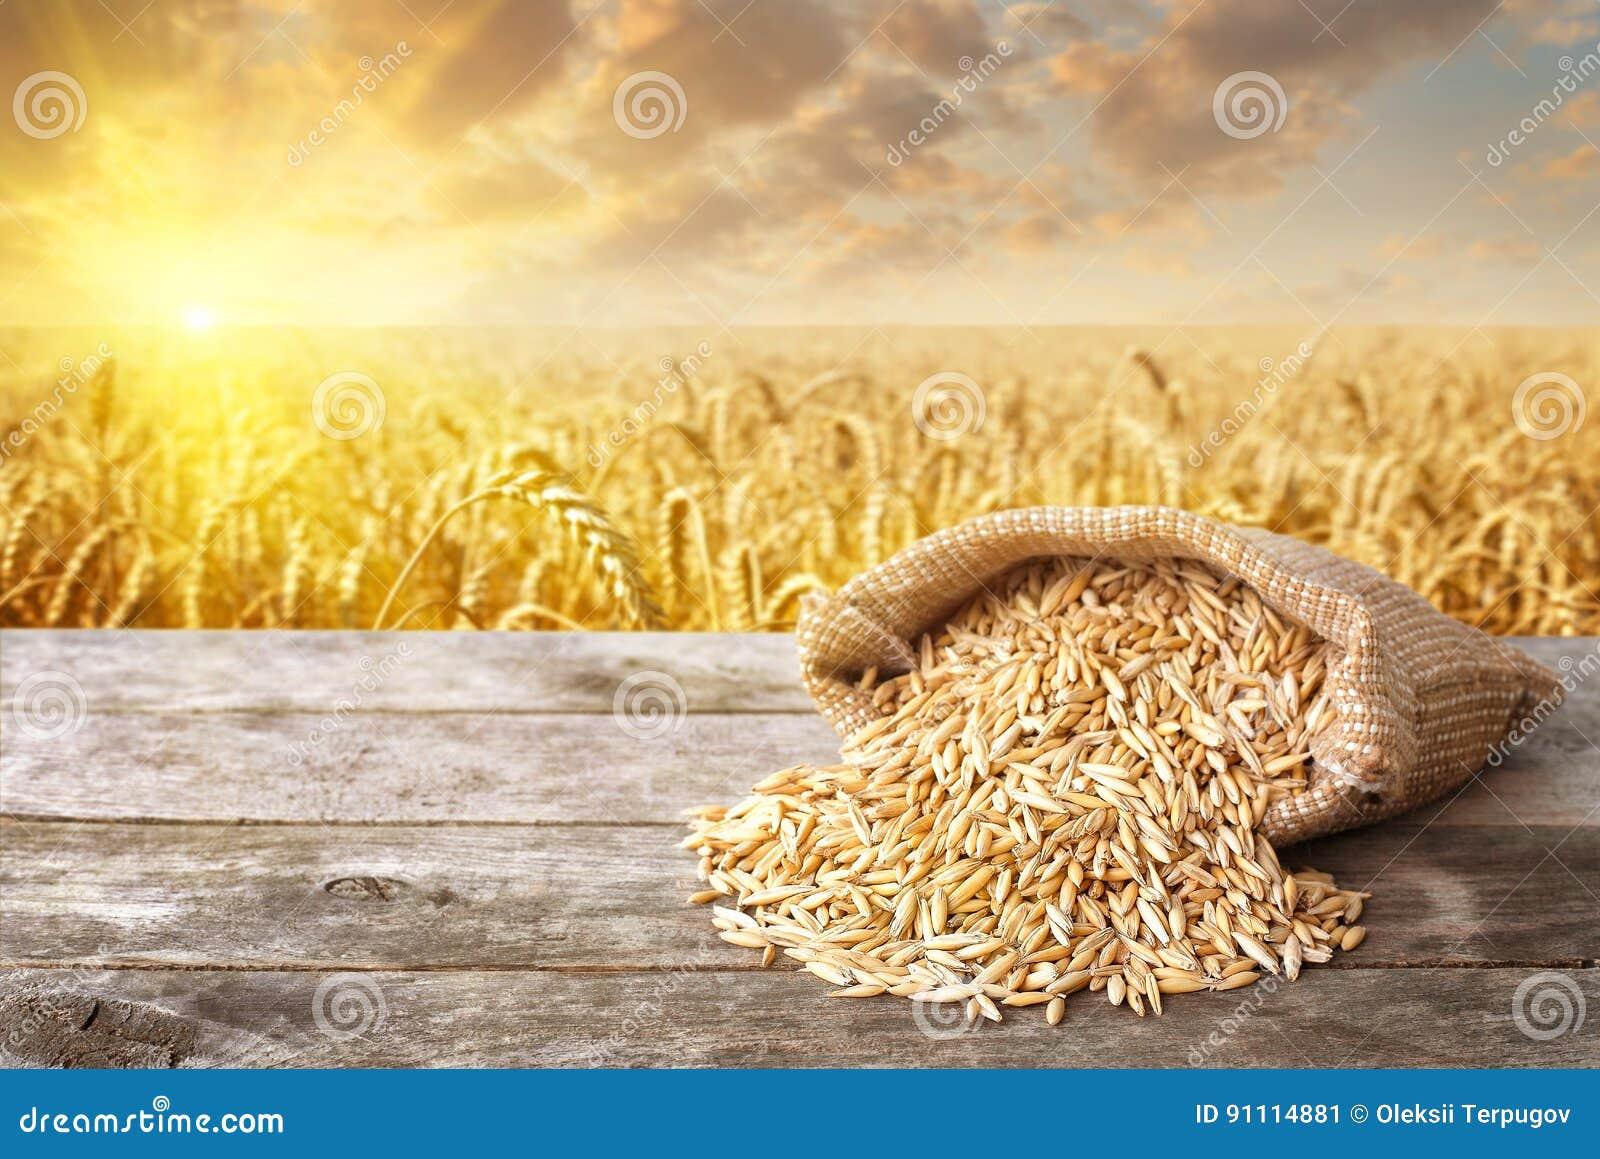 Cascara de los cereales